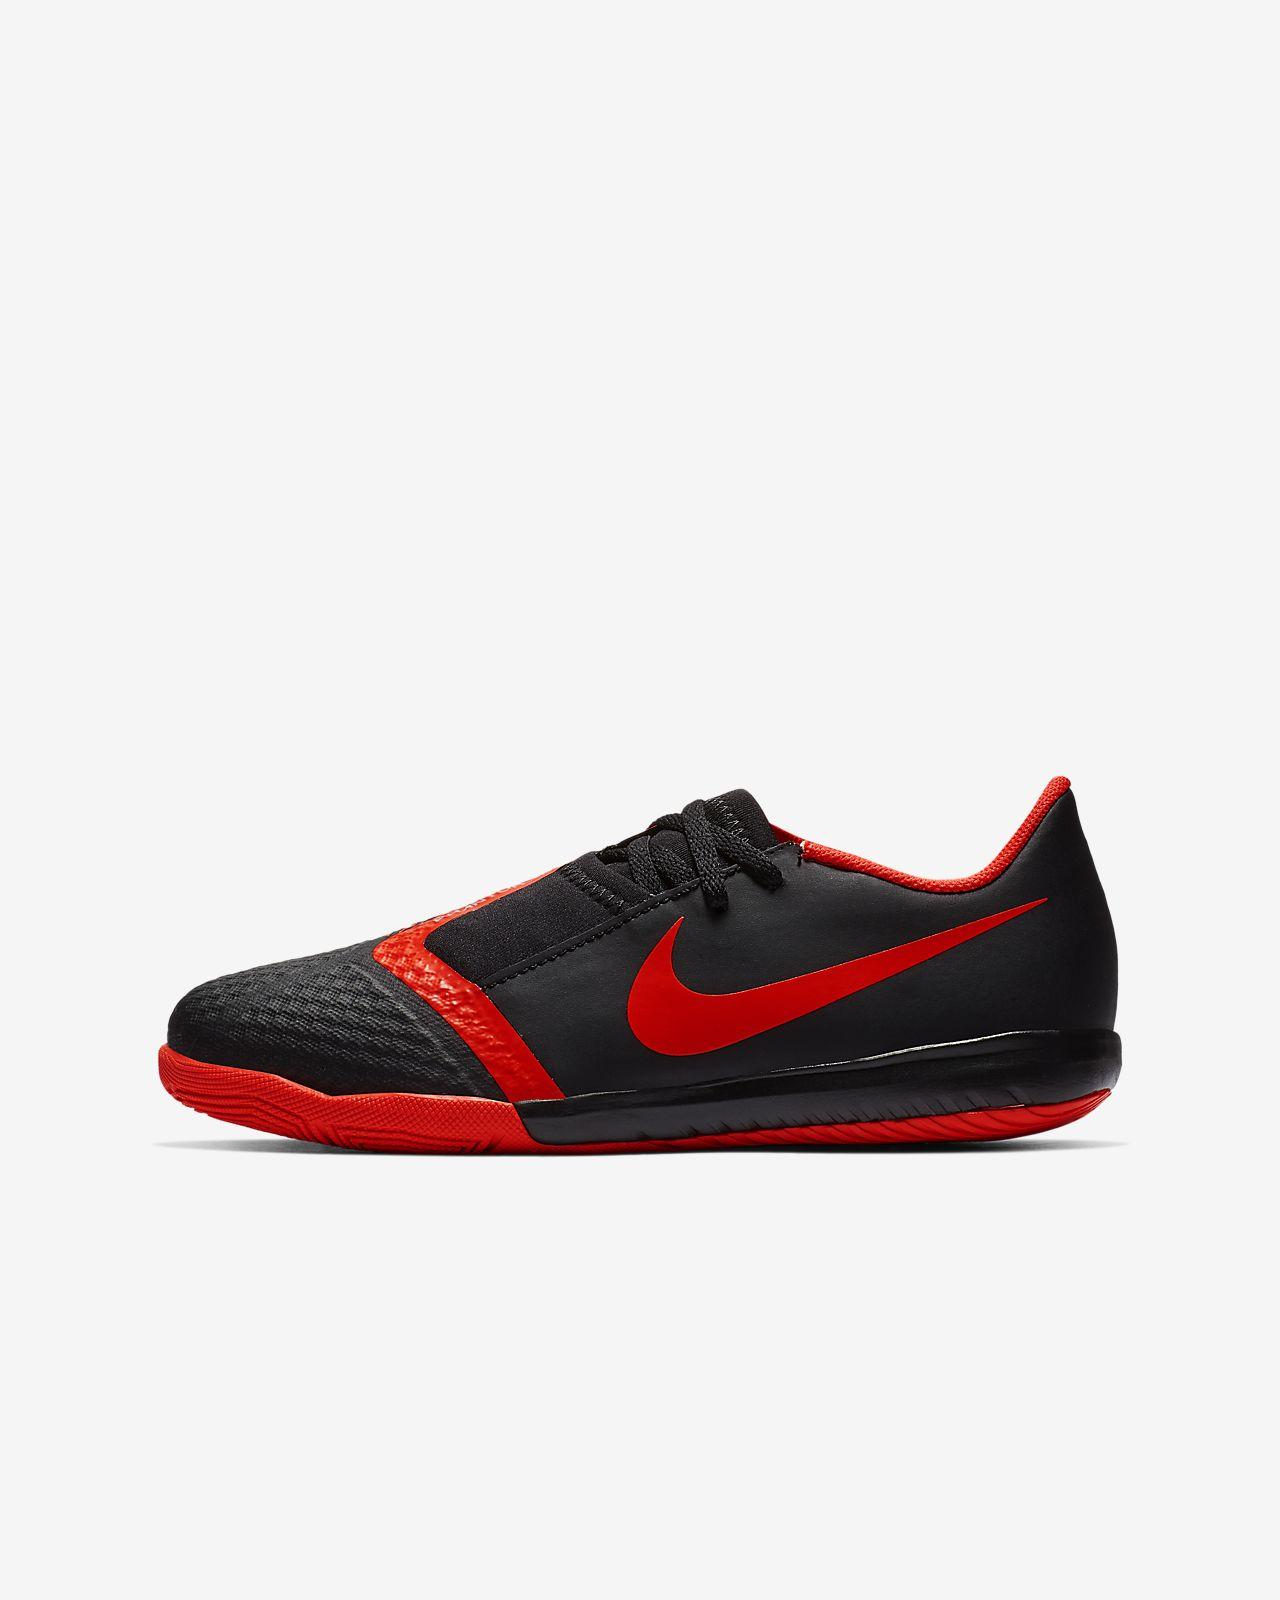 e0cabe30ebe Nike Jr. Phantom Venom Academy IC Botas de fútbol sala - Niño a ...